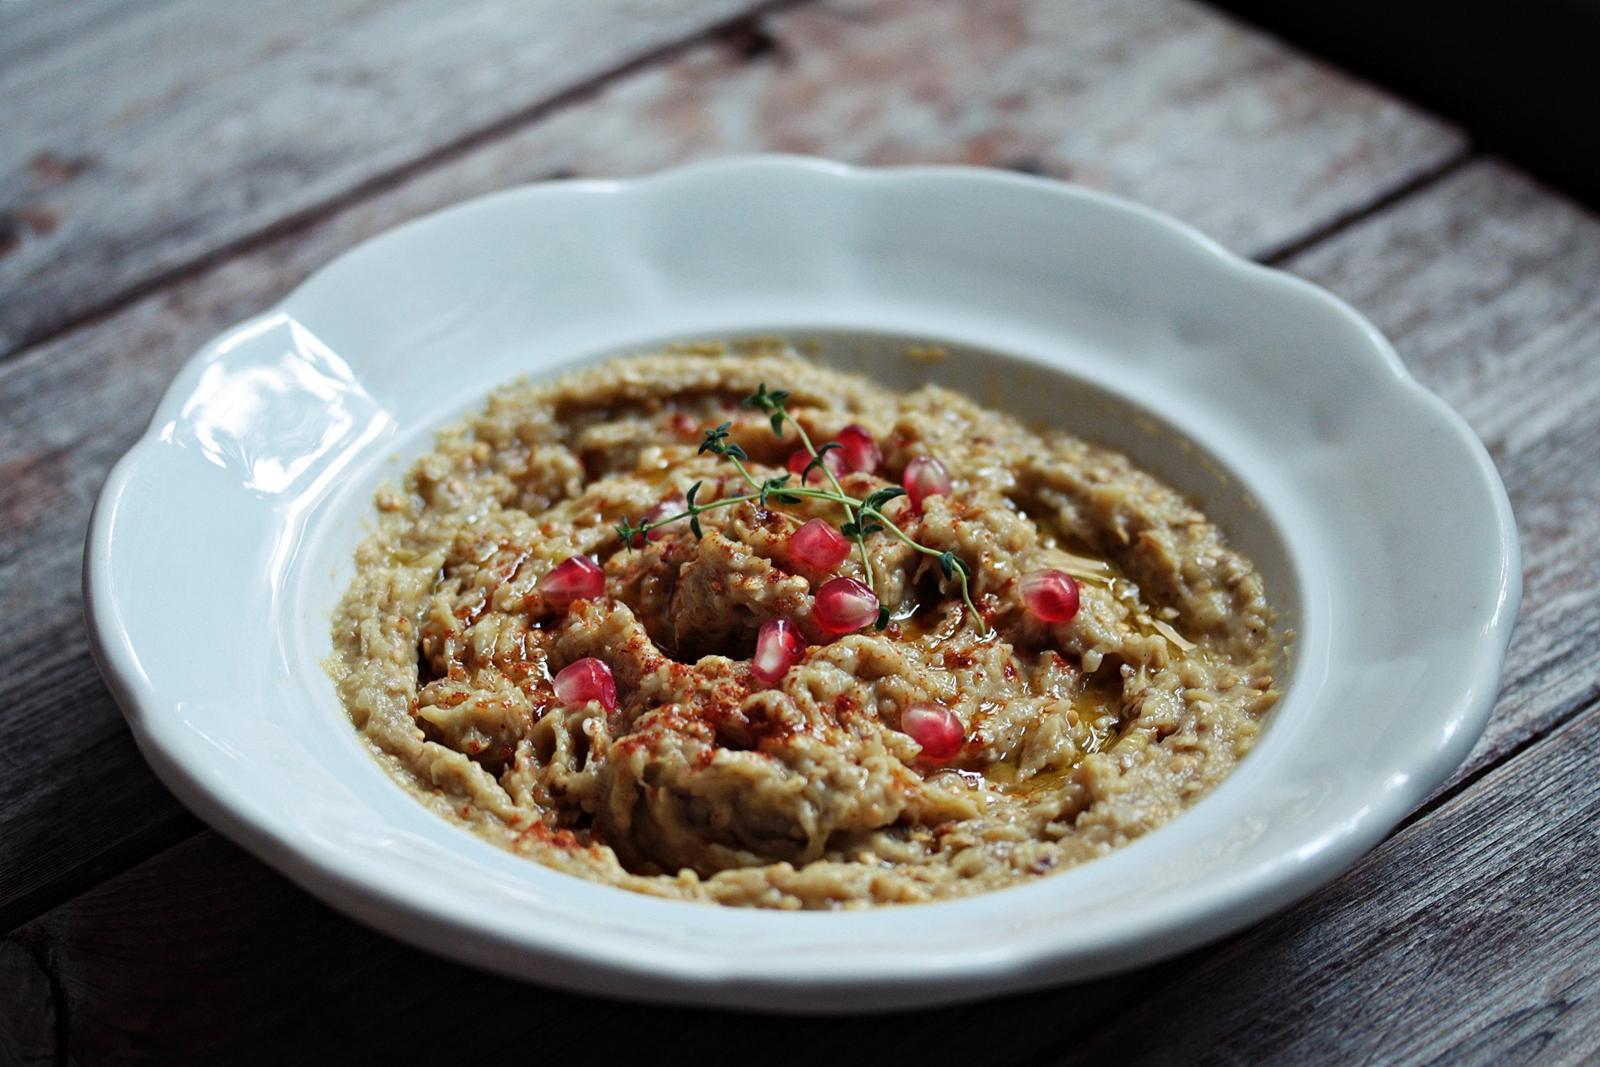 Jedno od najdivnijih jela na svijetu meni je zasigurno baba ghanoush. To mi je meza broj 1.